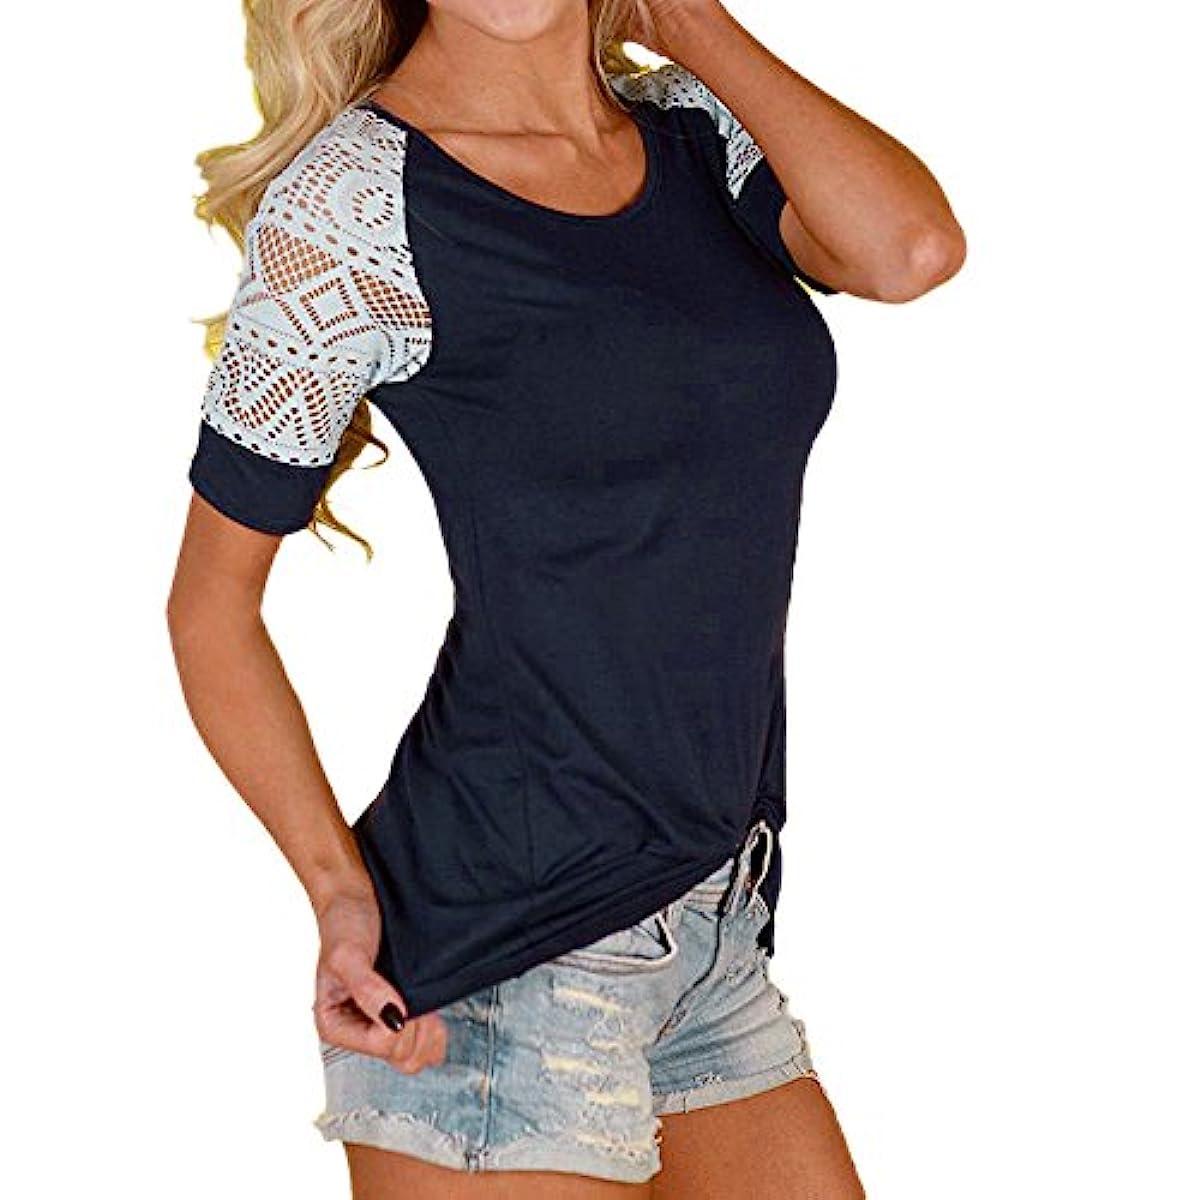 [해외] 탑 레이디스 여름 KOHORE 멋쟁이 셔츠 튜닉 T셔츠 반소매 레이스 시 스루see through ## T셔츠 넉넉하게 체형 커버 인기착 살이 빠지 S-3L 큰 사이즈 춘추 블라우스 실내복 선물